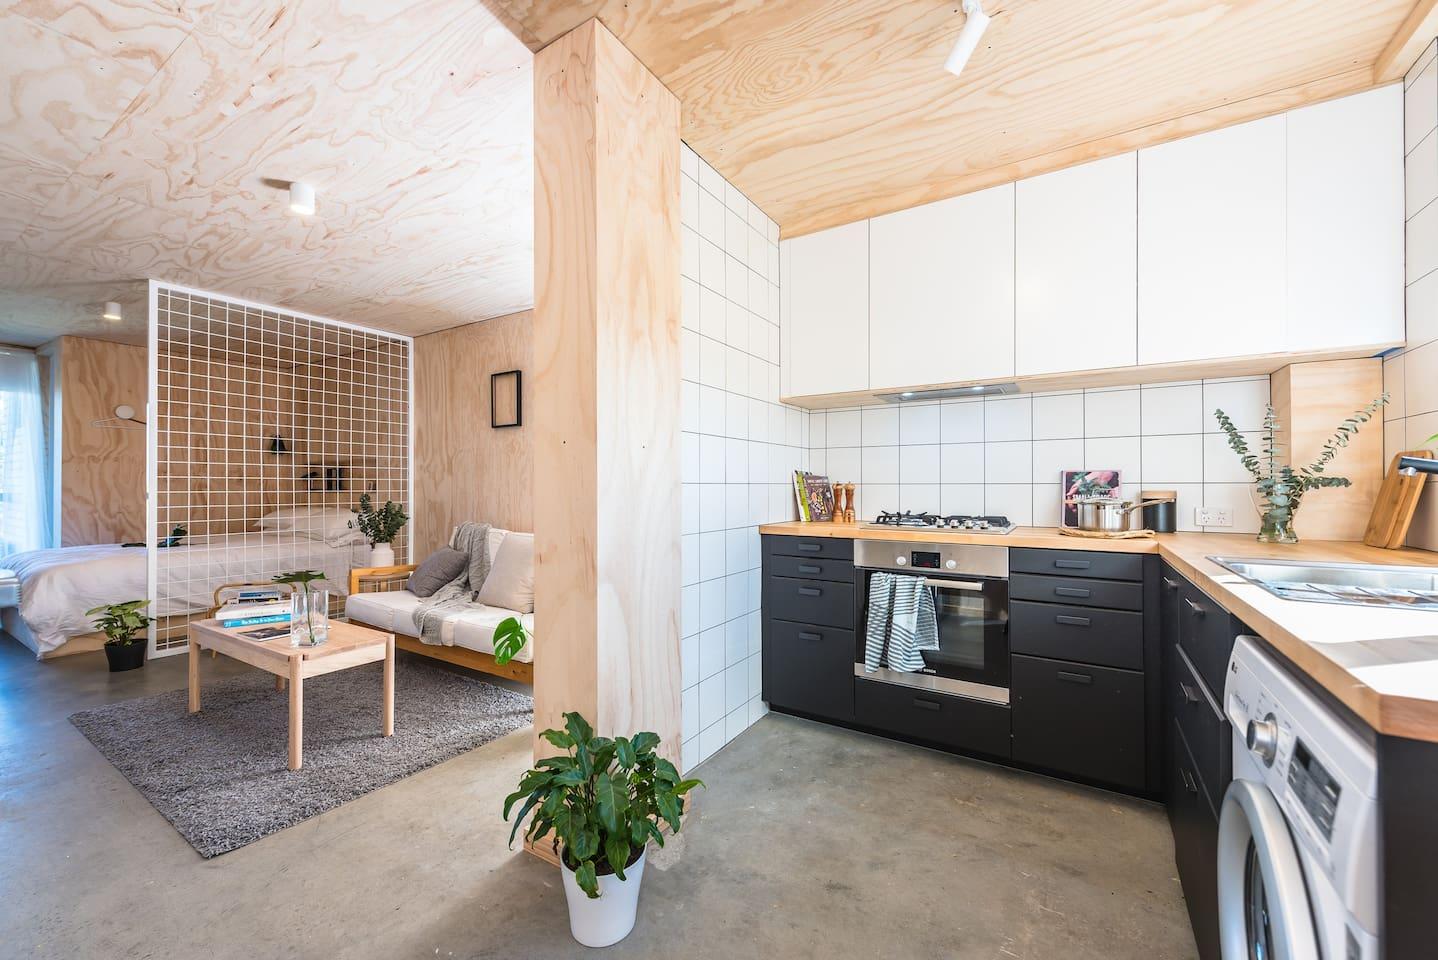 studio || kitchen + living + bedroom space